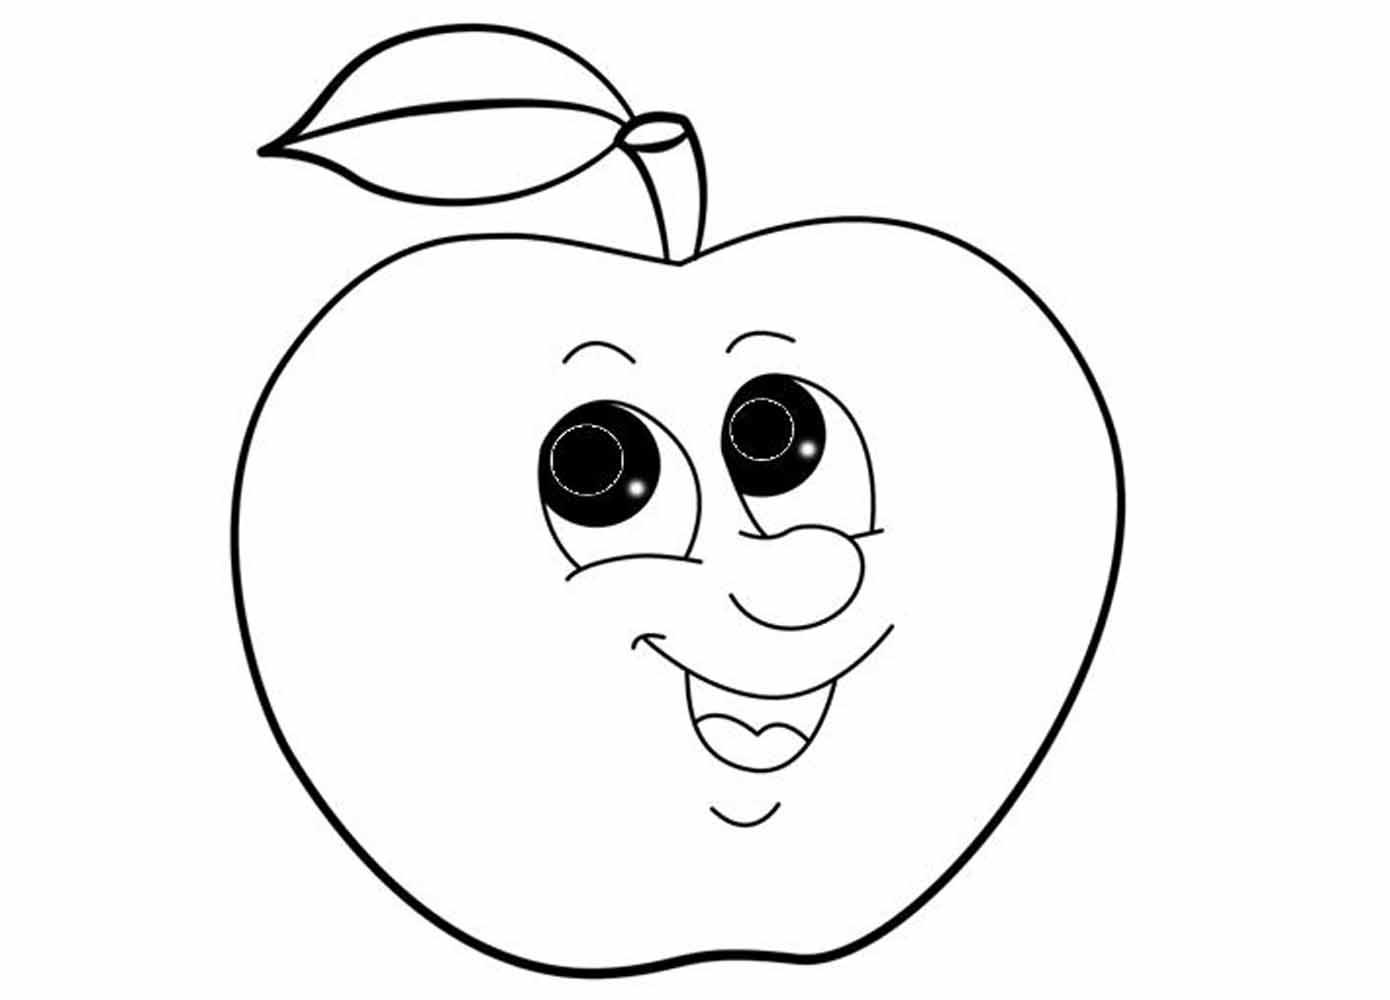 вот шаблон картинки яблоко начать